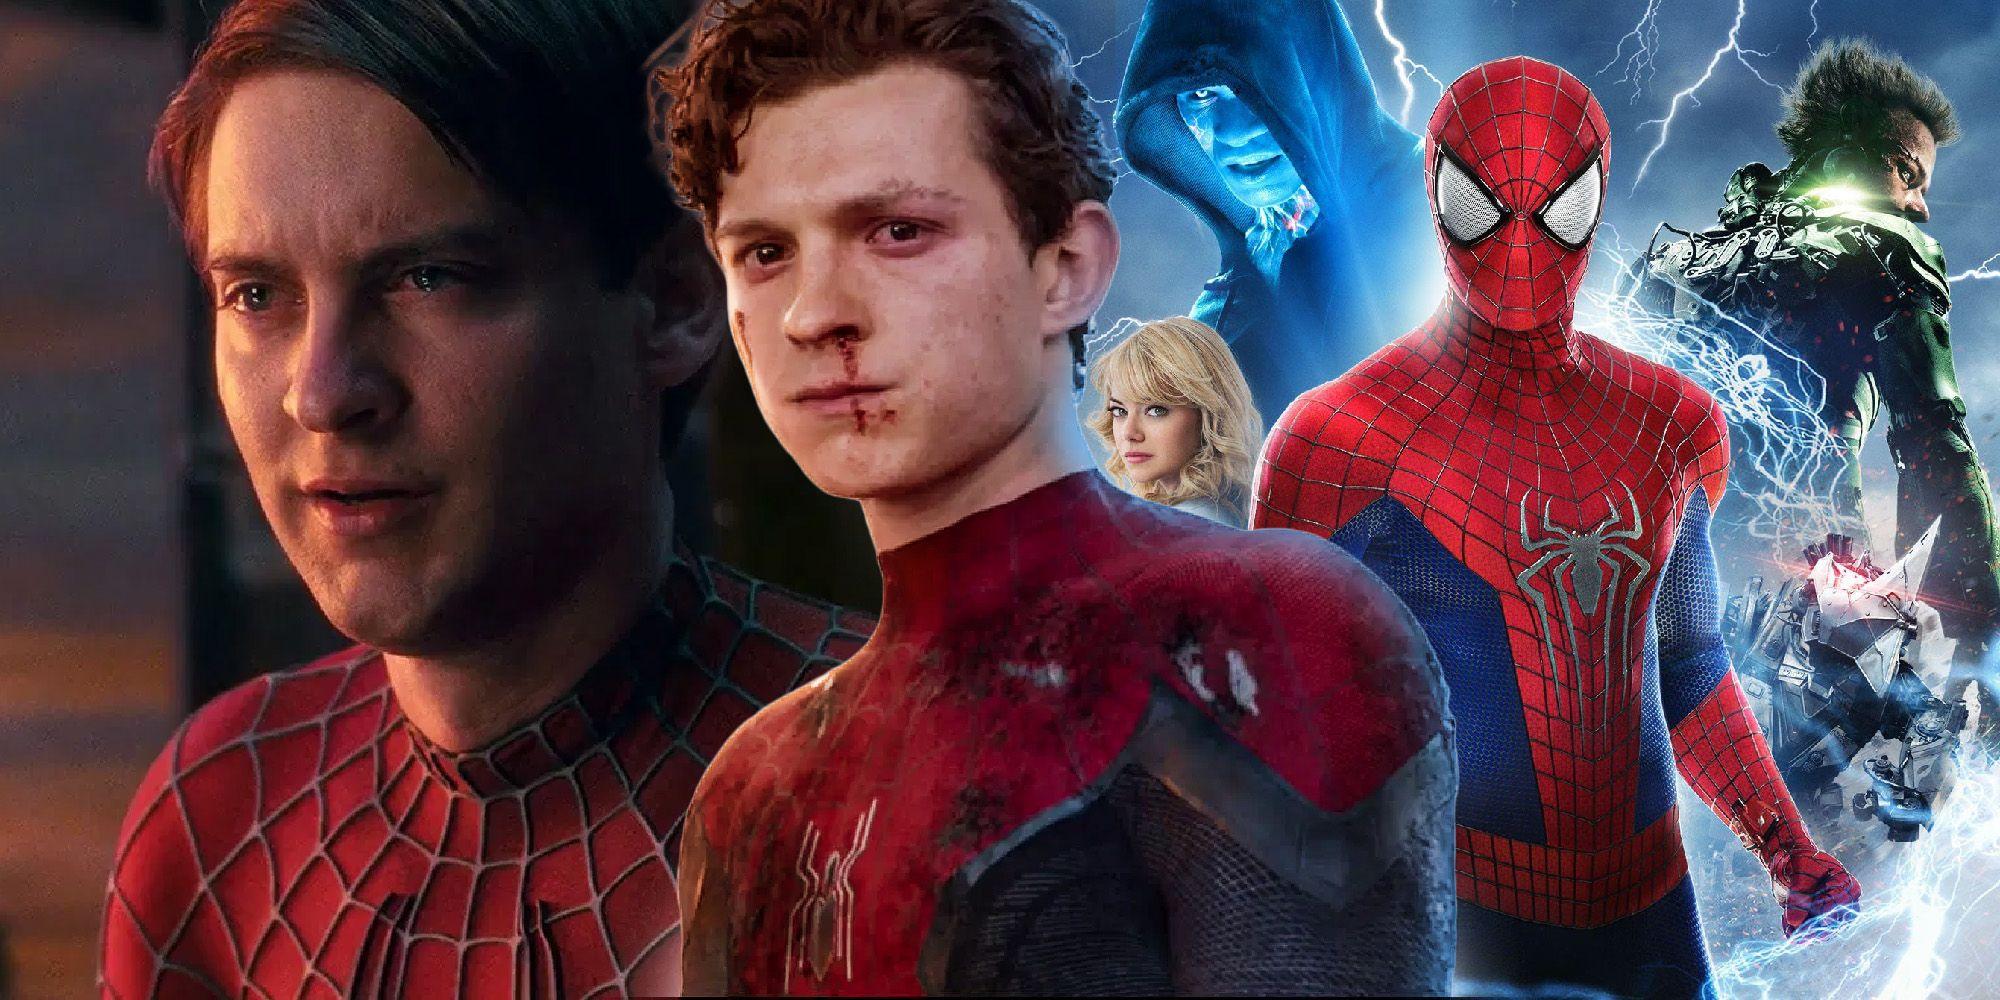 Spider-Man 3 - Garfield i Maguire pojawią się w określonym momencie filmu. Raimi czyni cuda za kulisami